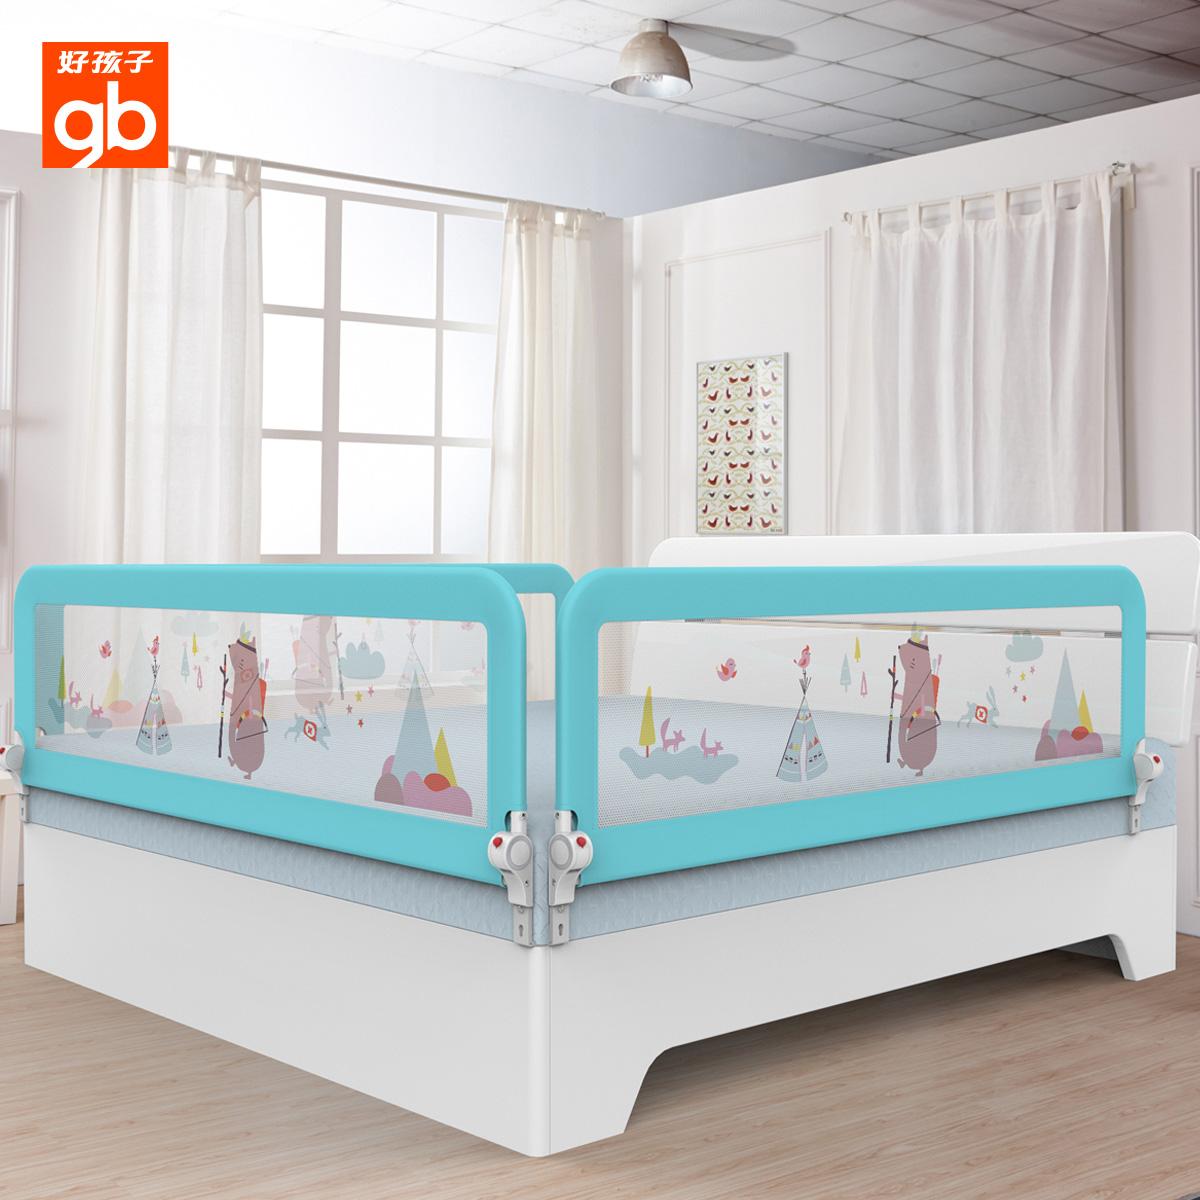 gb良い子でベッド赤ちゃん折りたたみベッドガードレールベッドフェンス児童船首止め金CW200